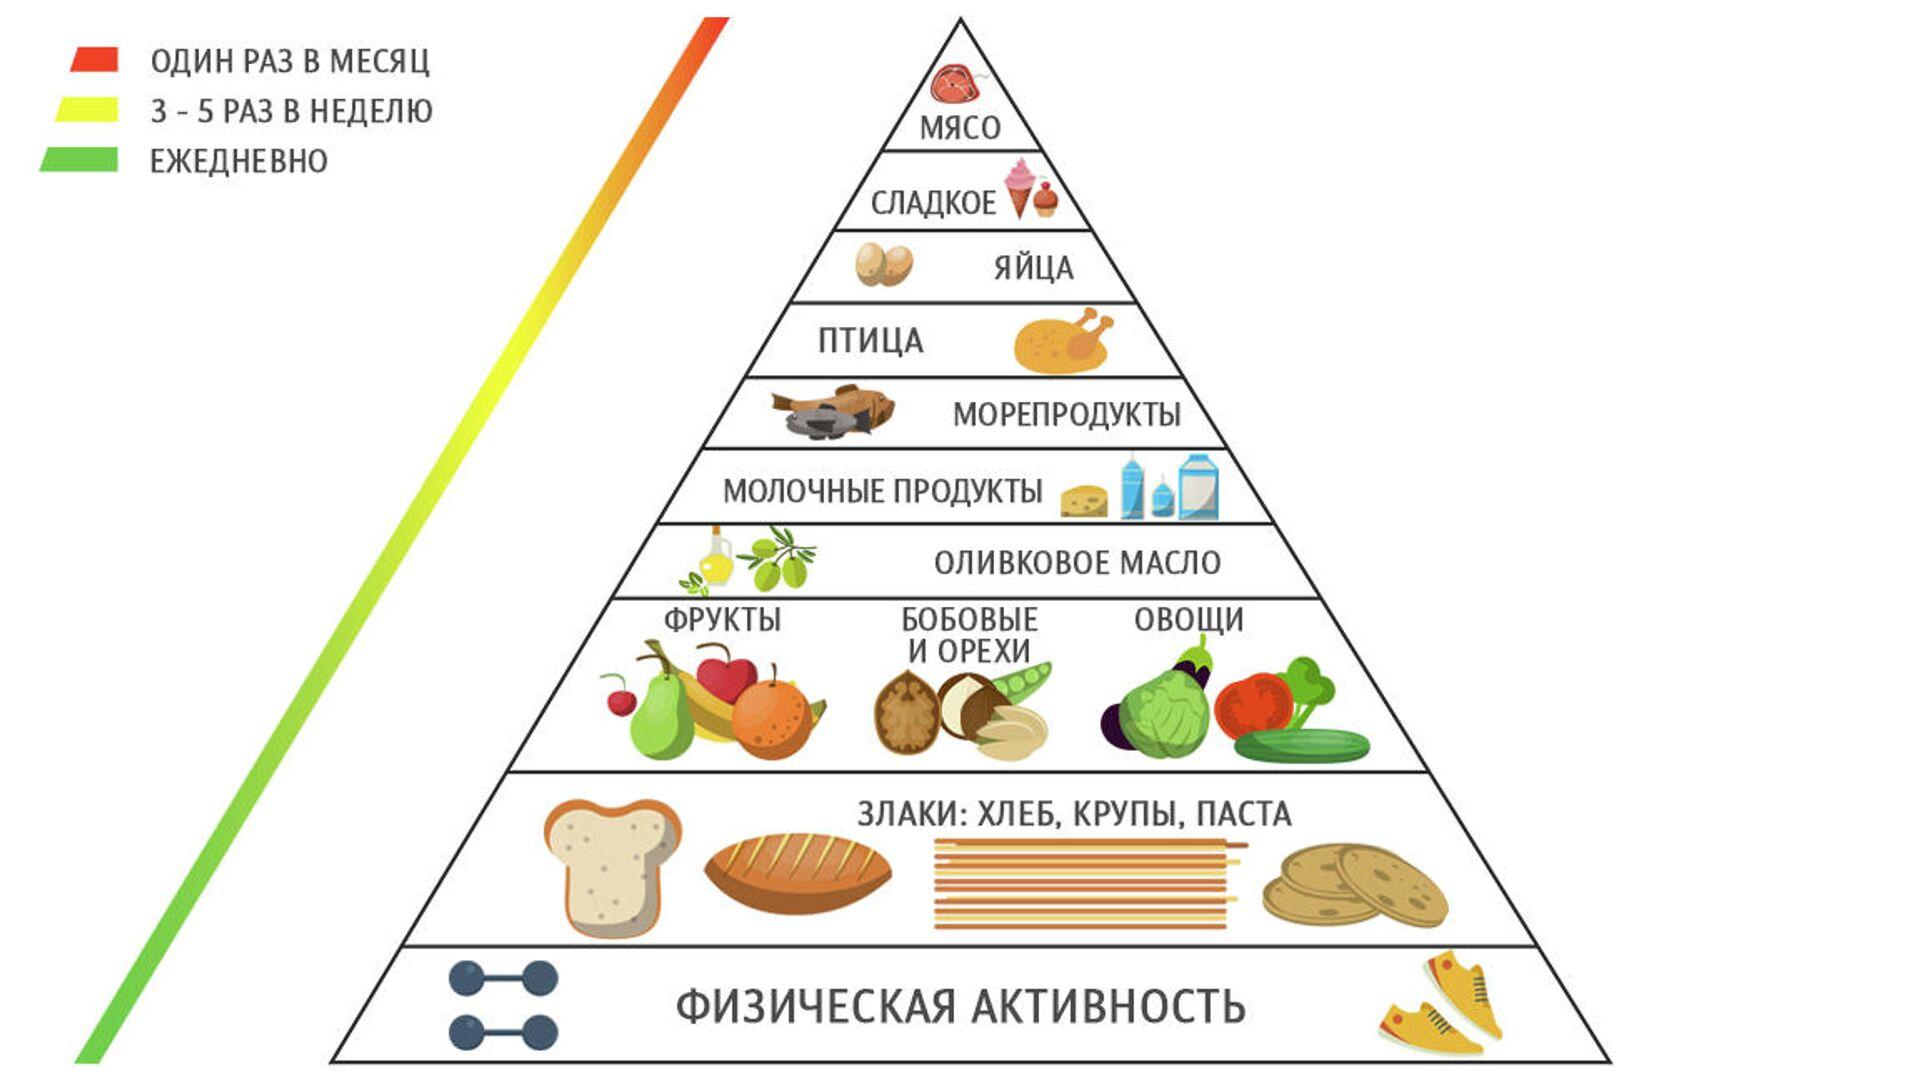 Средиземноморская диета - ПРОФИ Новости, 1920, 30.03.2021